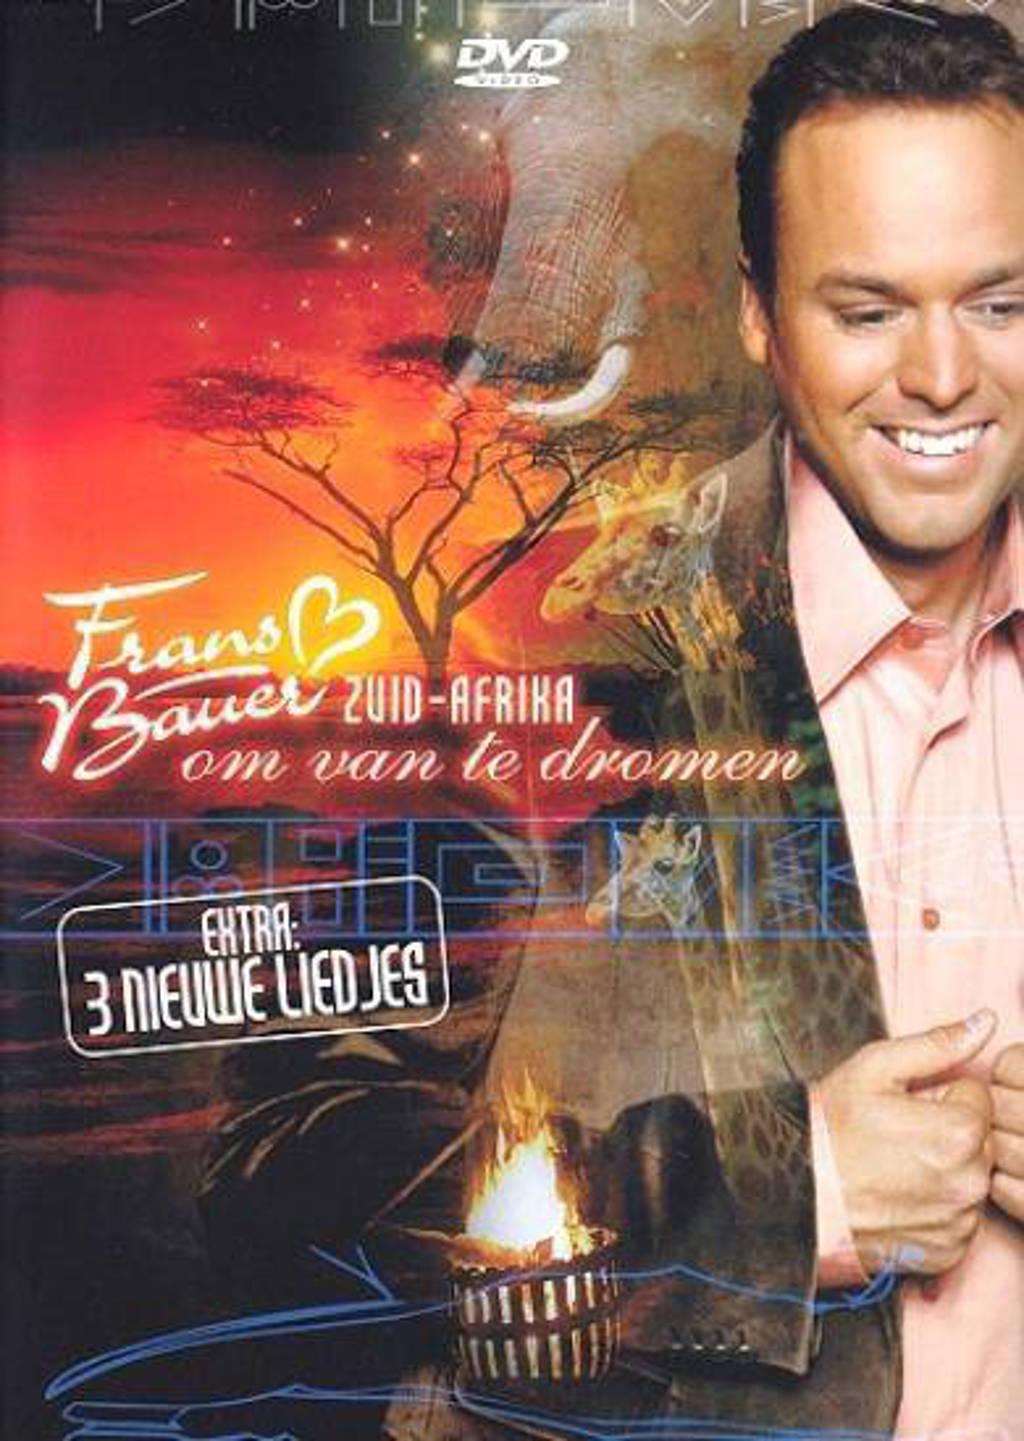 Frans Bauer - Om van te dromen (DVD)